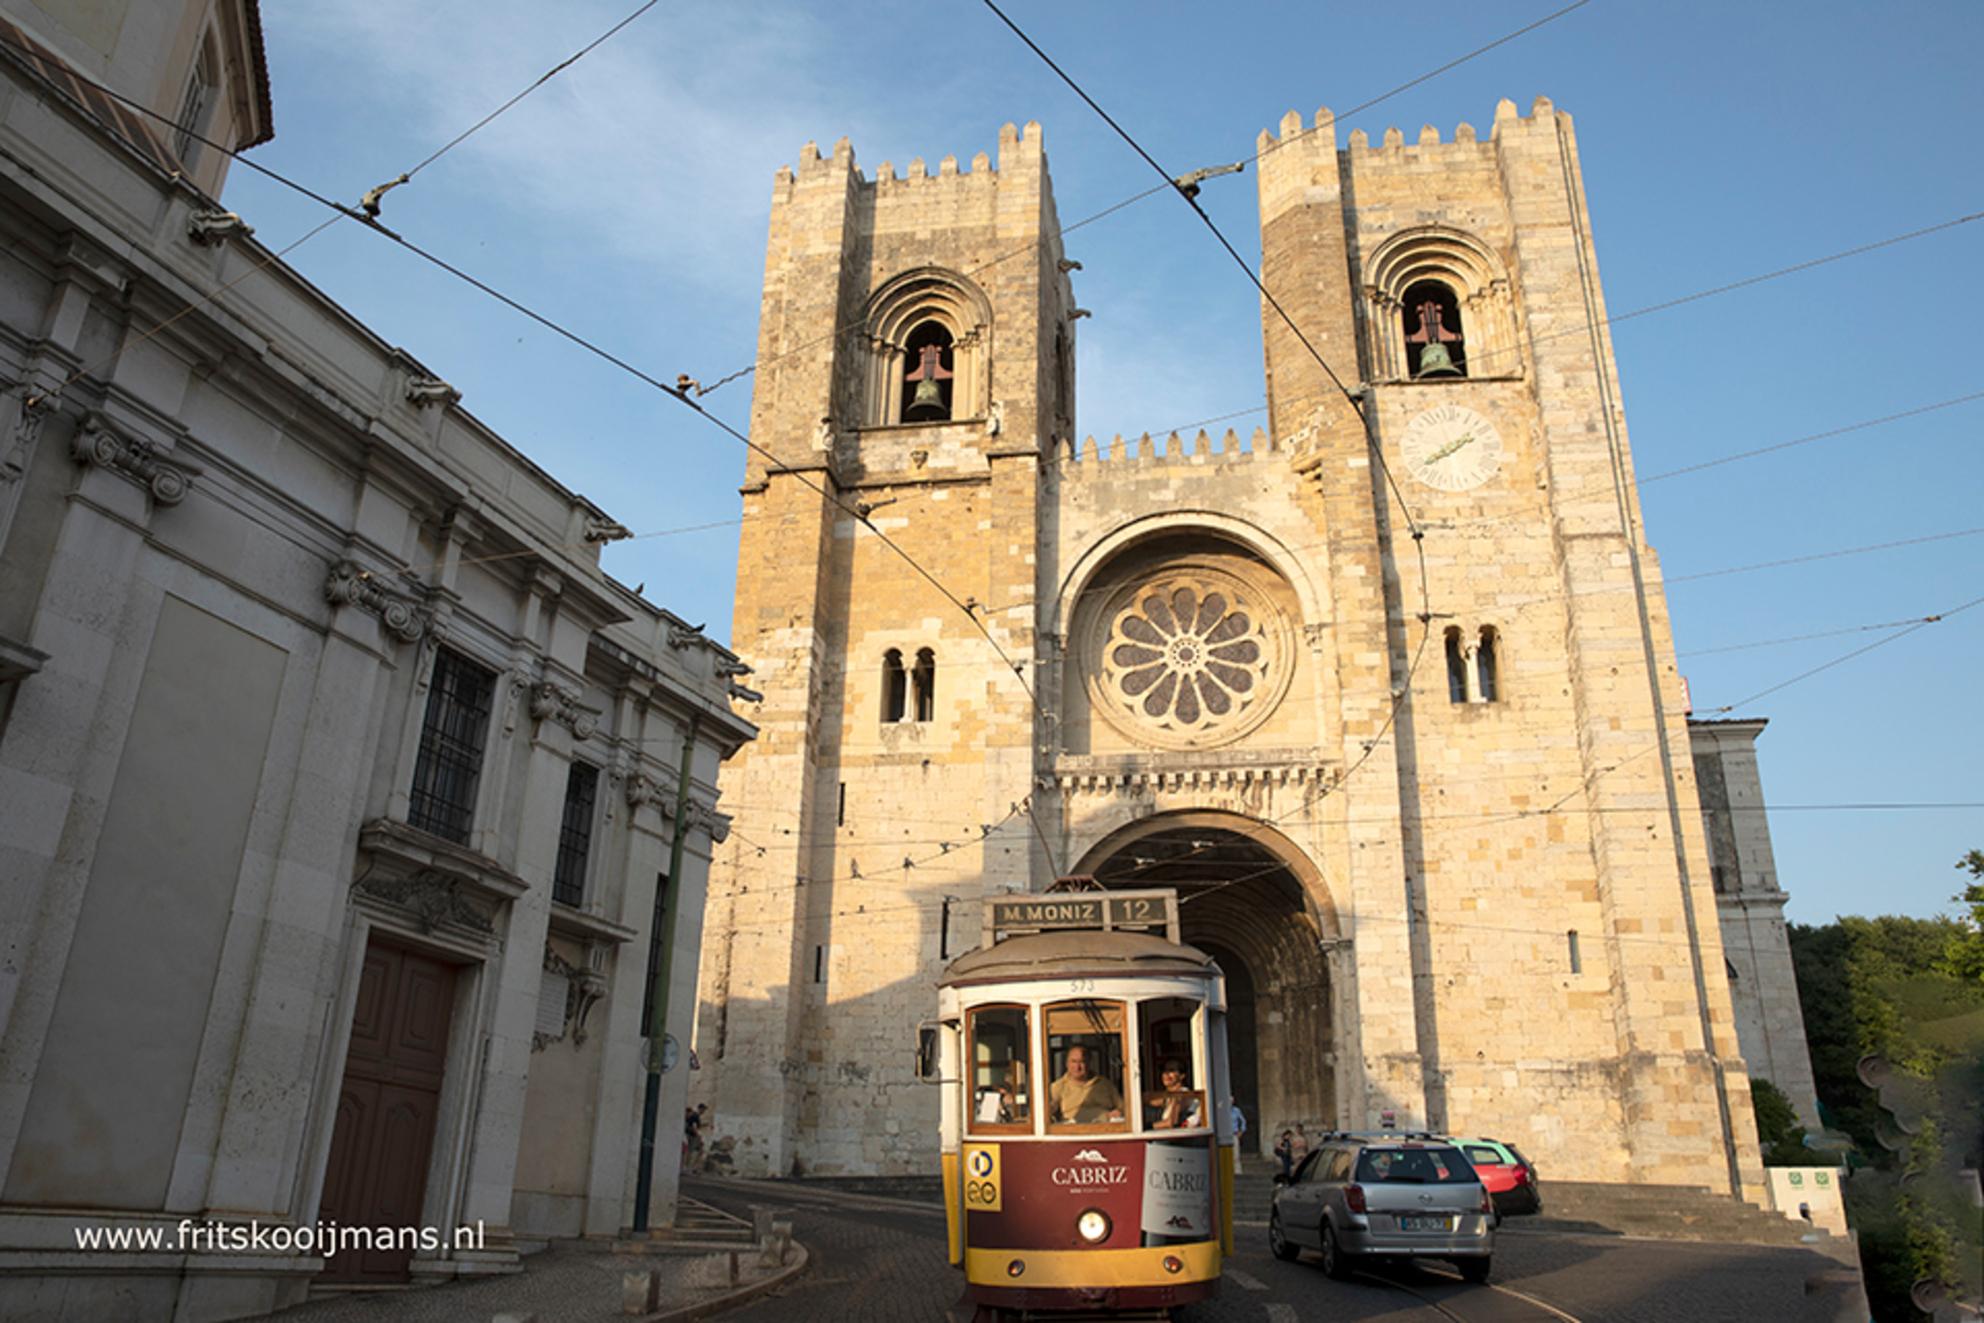 Kerk in Lissabon - 20180618 0999 Kerk in Lissabon - foto door fritskooijmans op 06-10-2018 - deze foto bevat: lucht, zon, kerk, gebouw, tram, portugal, lissabon